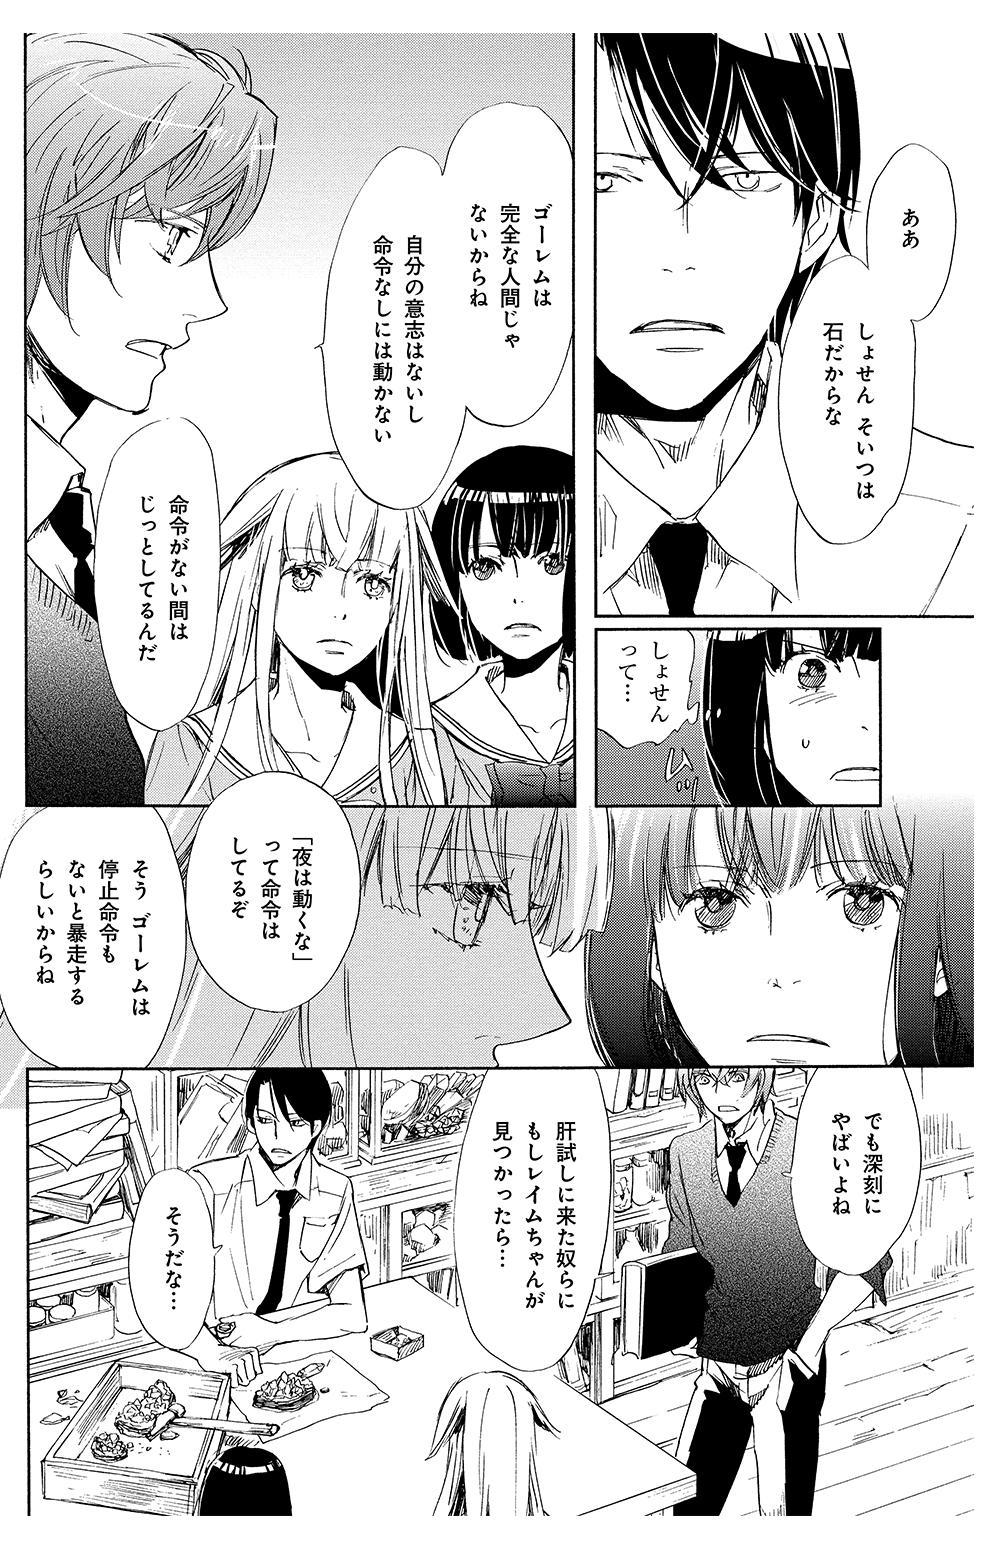 少女ゴーレムと理科室の変人たち 第2話①golem03-08.jpg